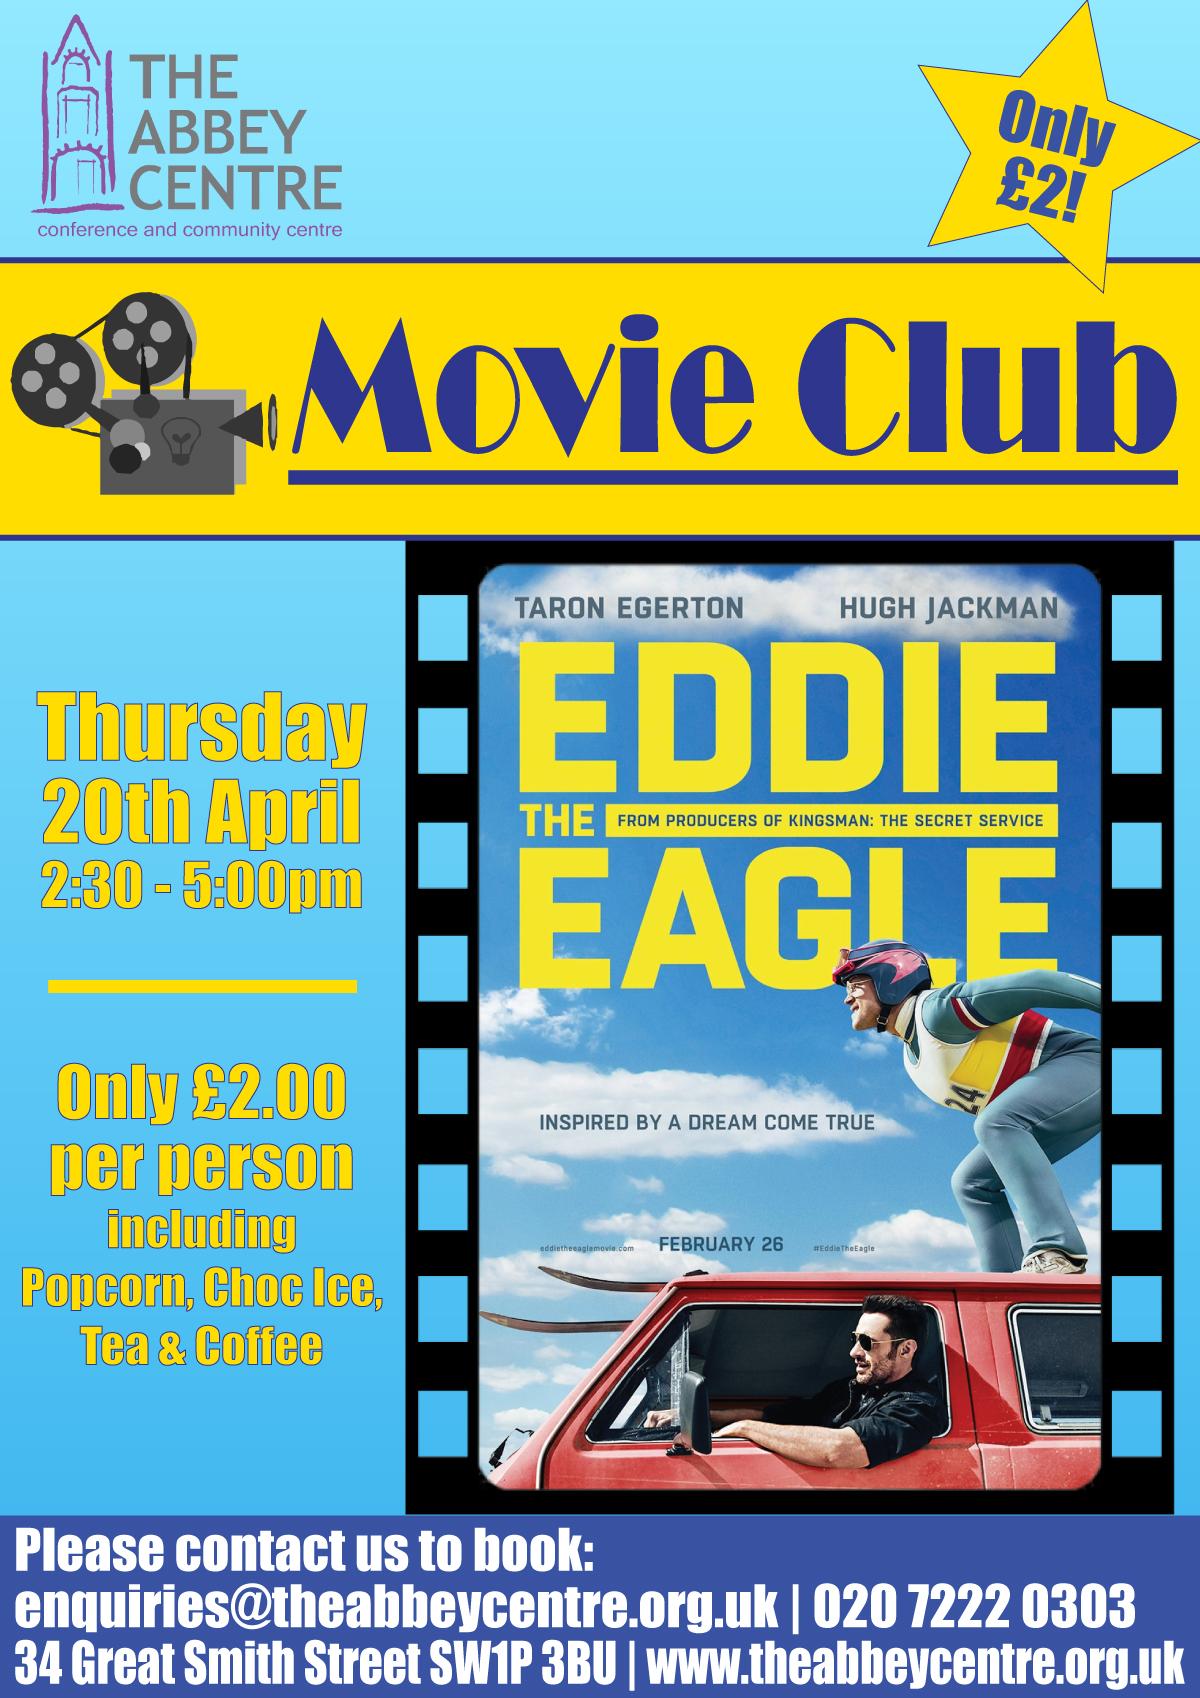 Movie-Club-Flyer---Eddie-the-Eagle